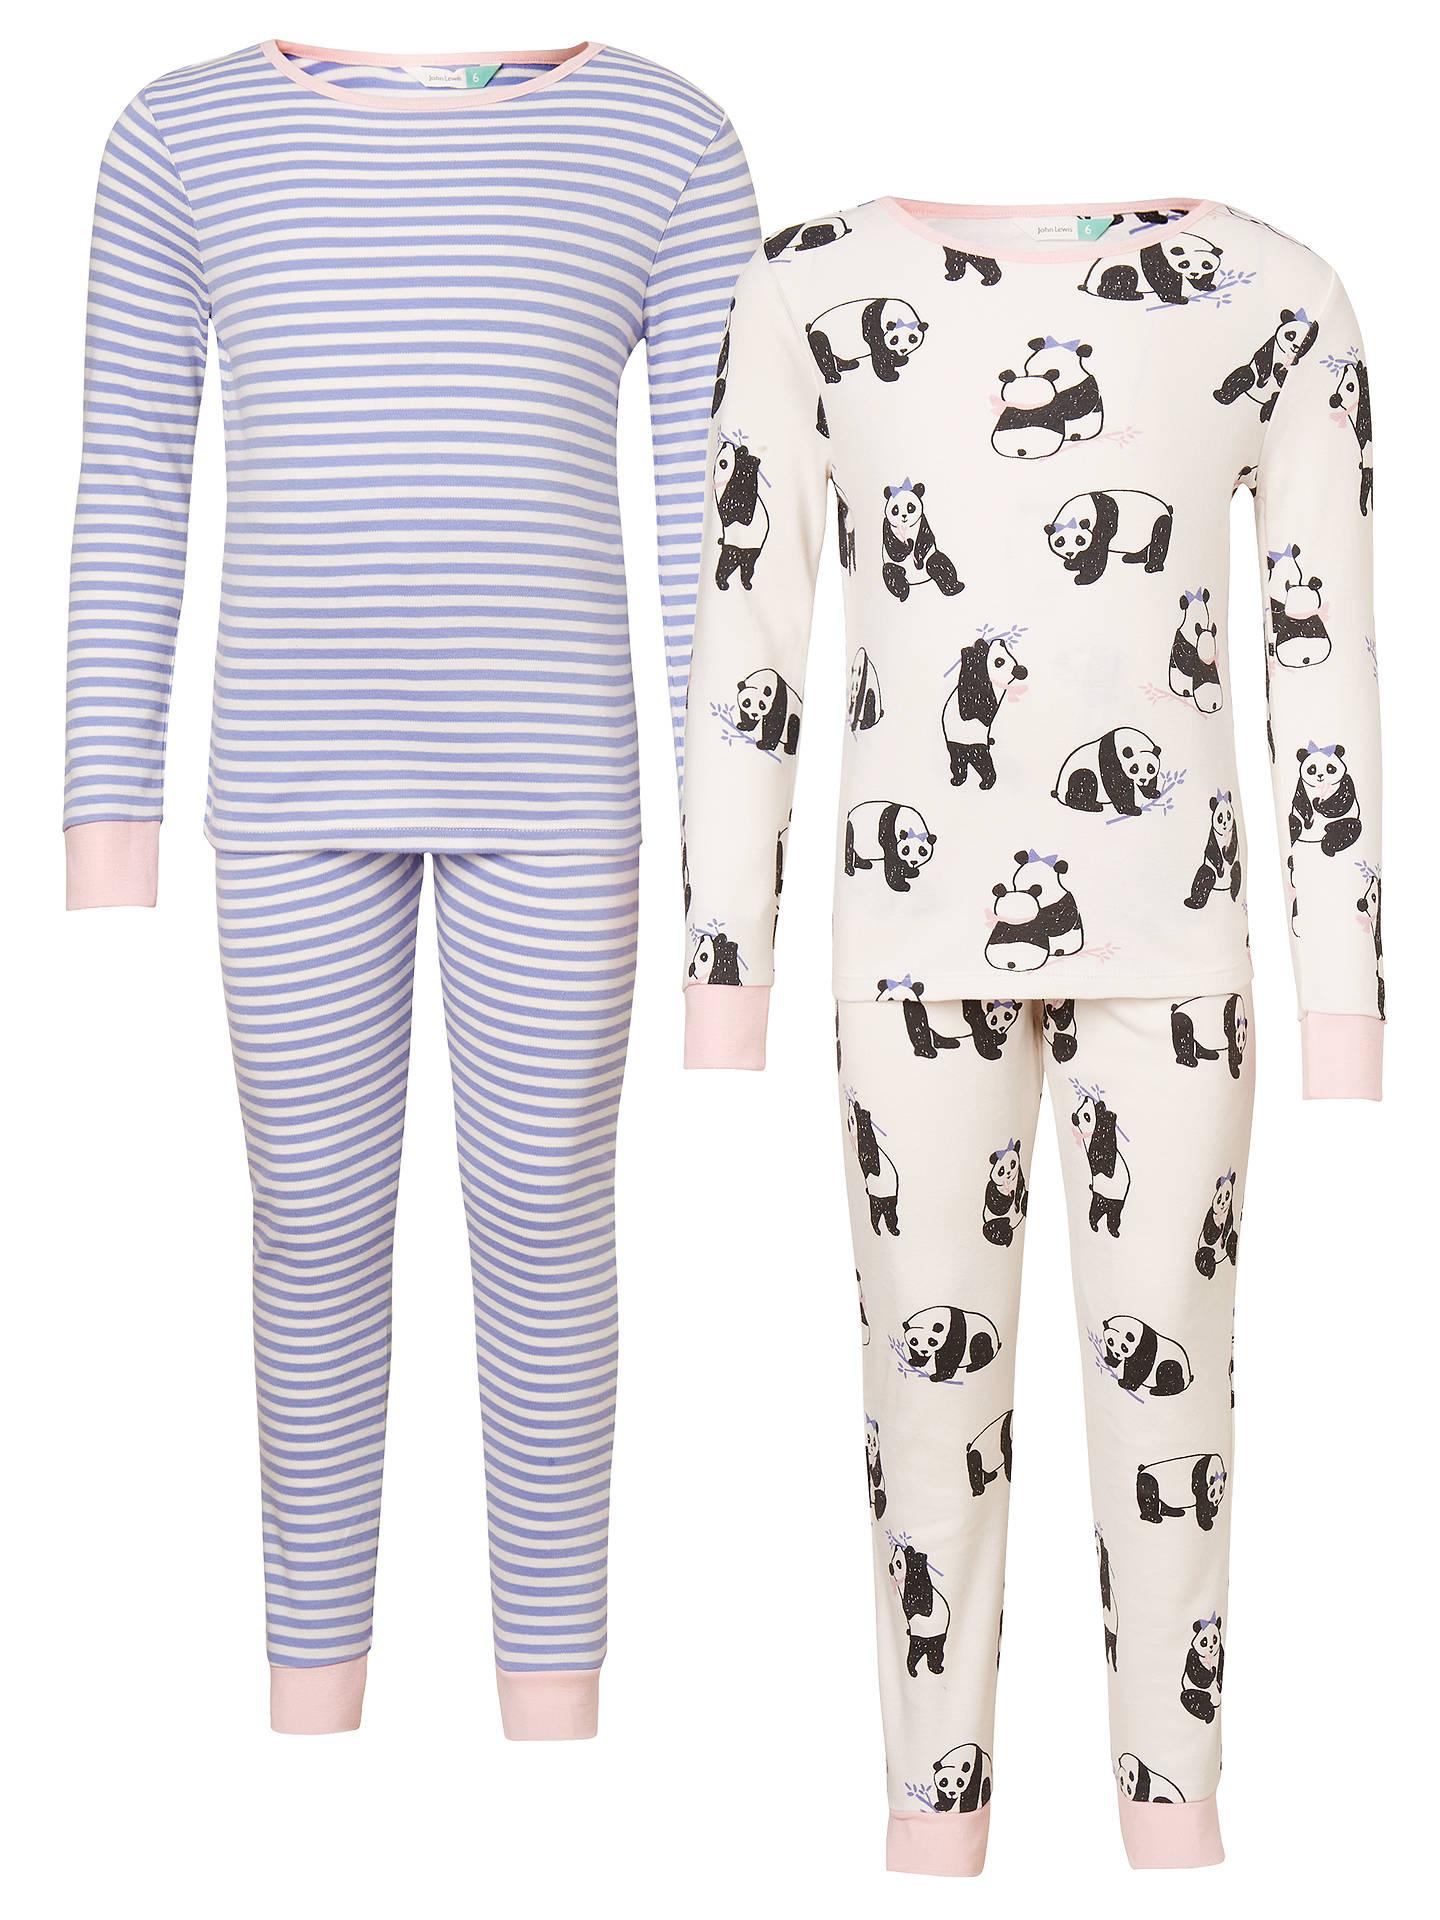 BuyJohn Lewis Children s Panda Print Pyjamas 94262691b